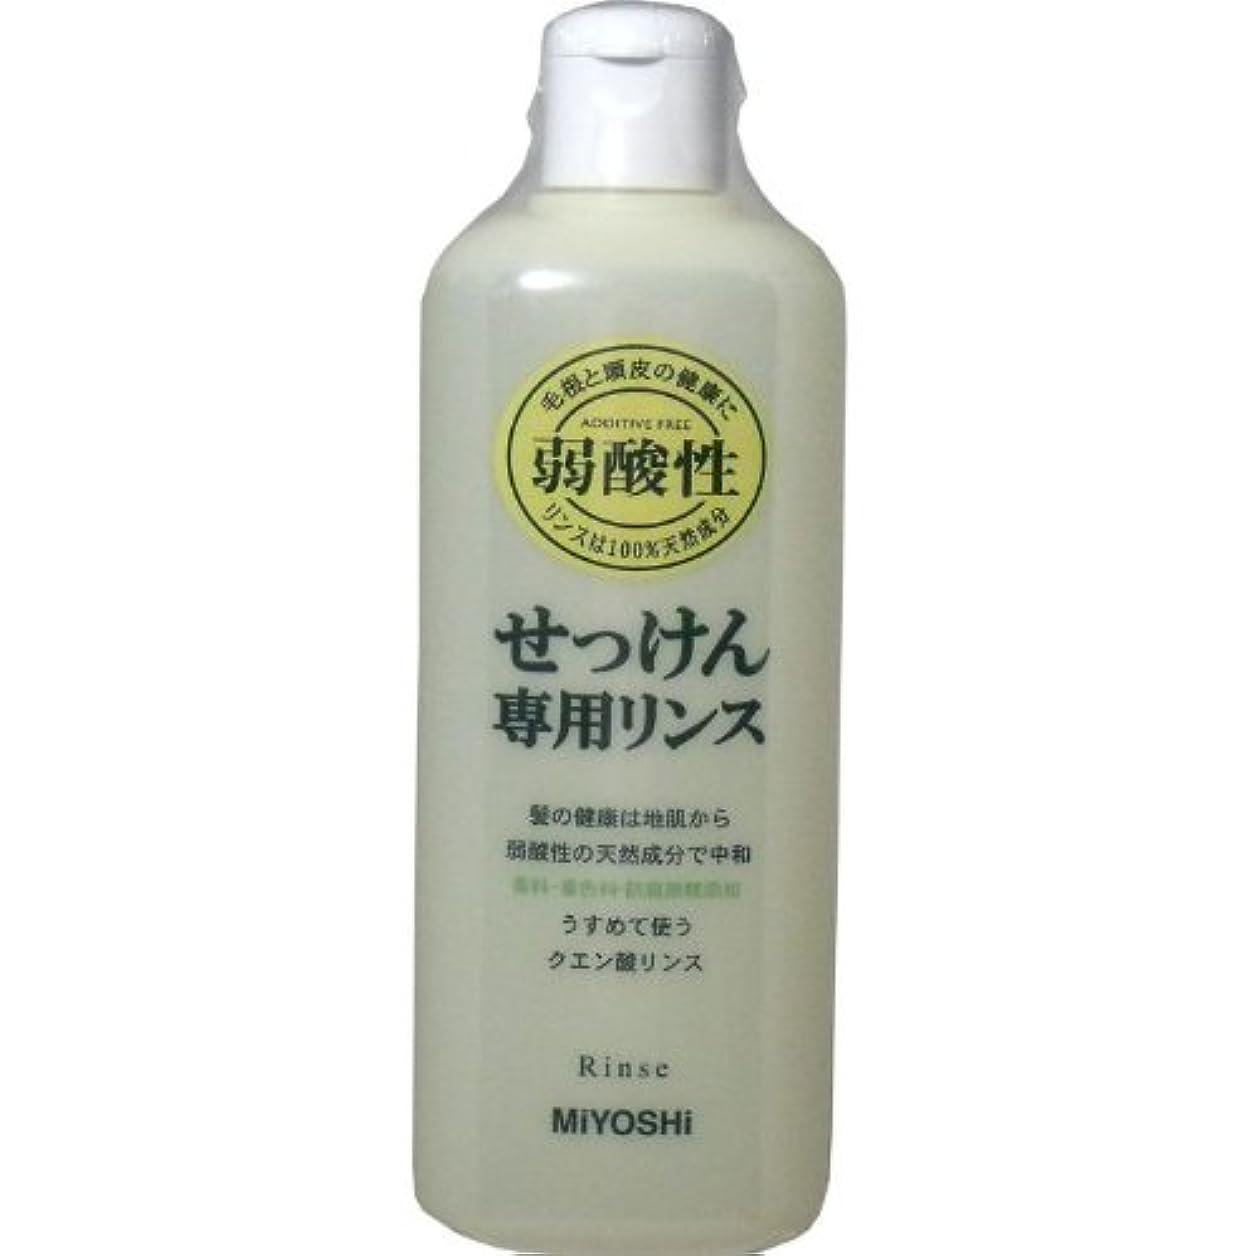 定刻不名誉ルーチン髪の健康は地肌から、弱酸性の天然成分で中和!!香料、防腐剤、着色料無添加!うすめて使うクエン酸リンス!リンス 350mL【2個セット】